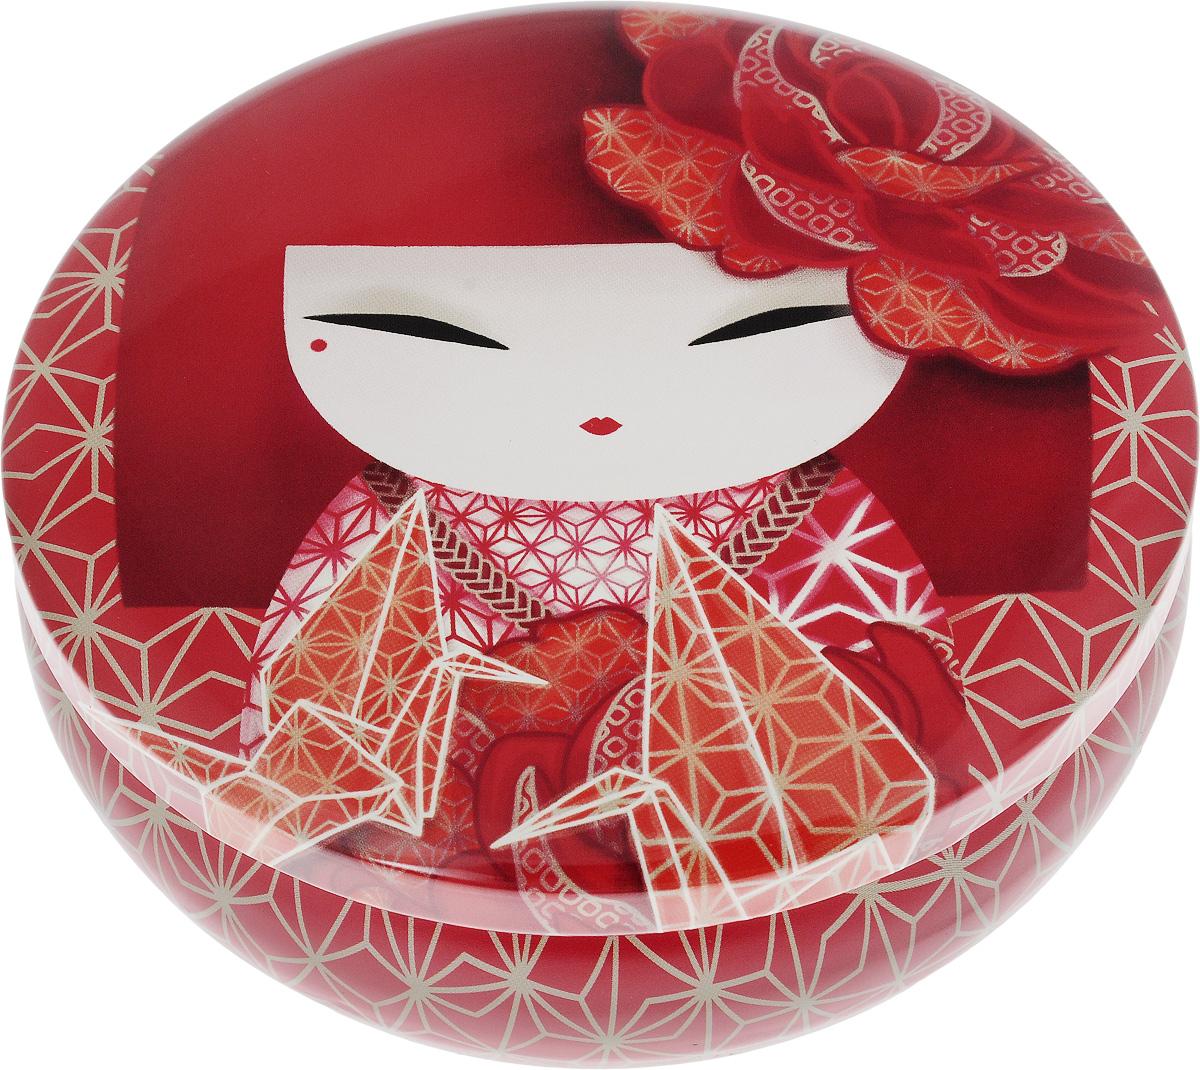 Шкатулка жестяная Kimmidoll КазунаKH0978Шкатулка жестяная Kimmidoll Казуна изготовлена из жести и оформлена изображением японской куколки кокеши. Шкатулка содержит вместительное отделение, надежно закрывающееся крышкой. Такая шкатулка не только надежно сохранит вашу бижутерию, но и станет необычным украшением интерьера. Размер: 13,5 x 13,5 x 4,5 см.